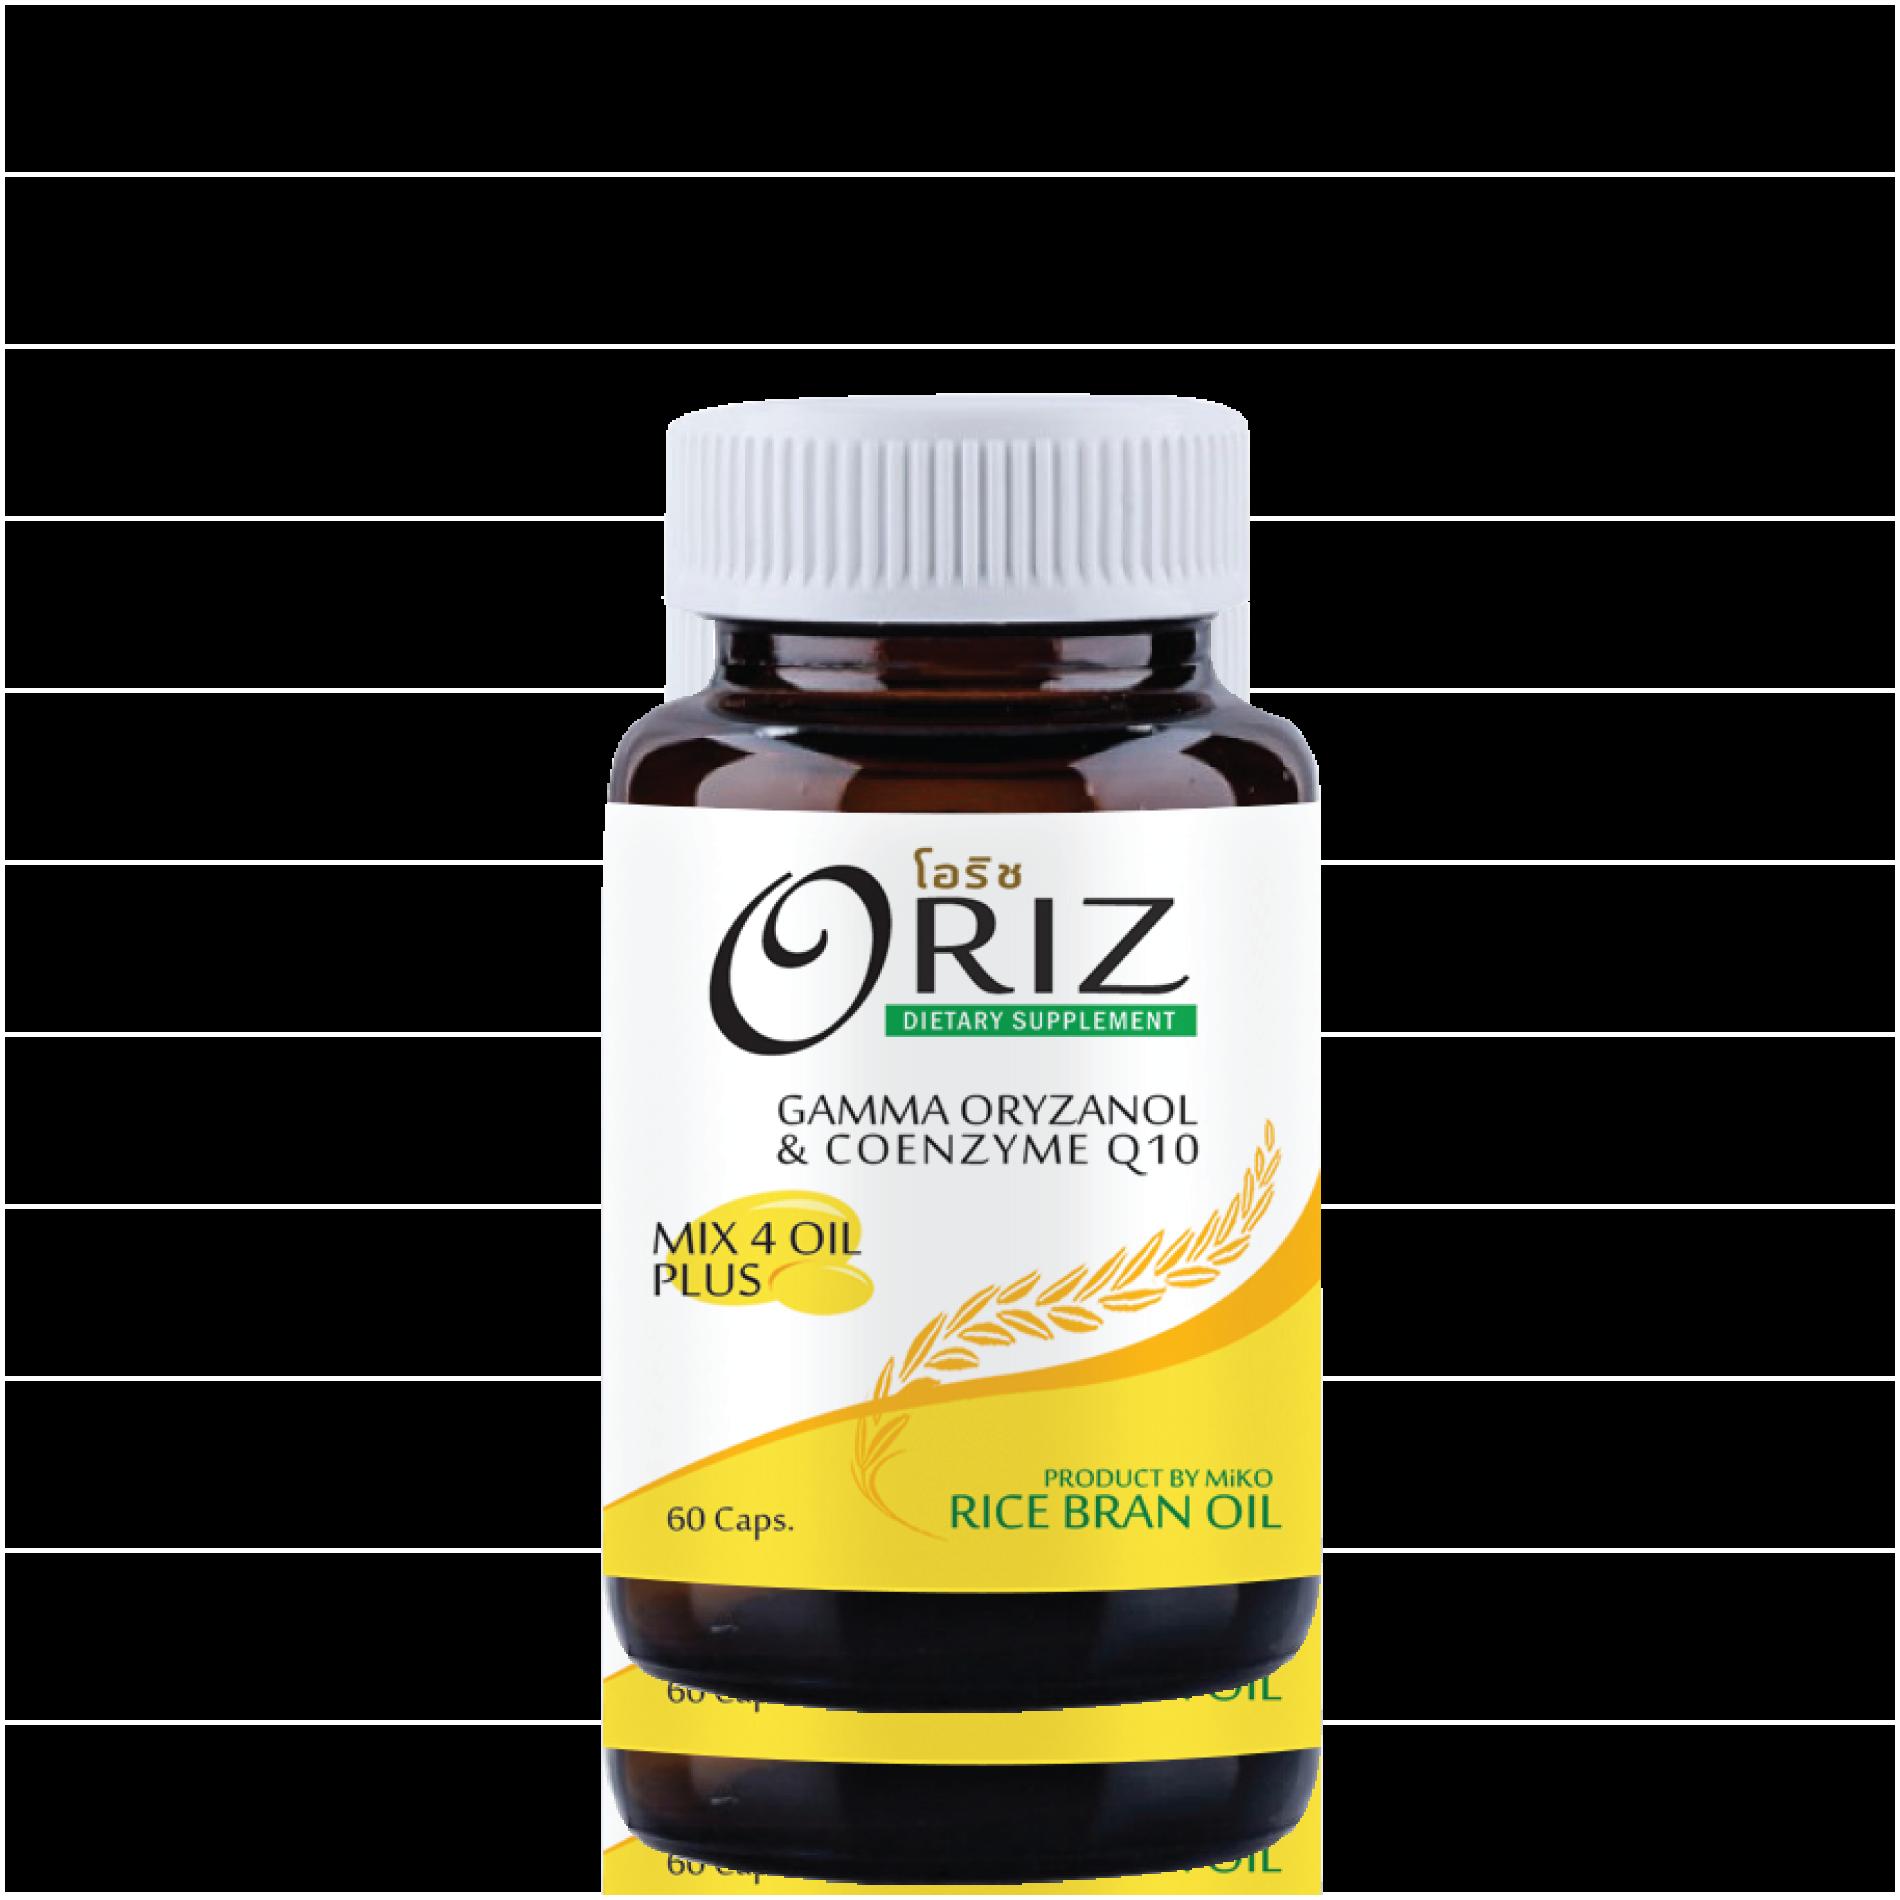 ORIZ (อาหารเสริม โอริช น้ำมันสกัดเย็น) 60 แคปซูล